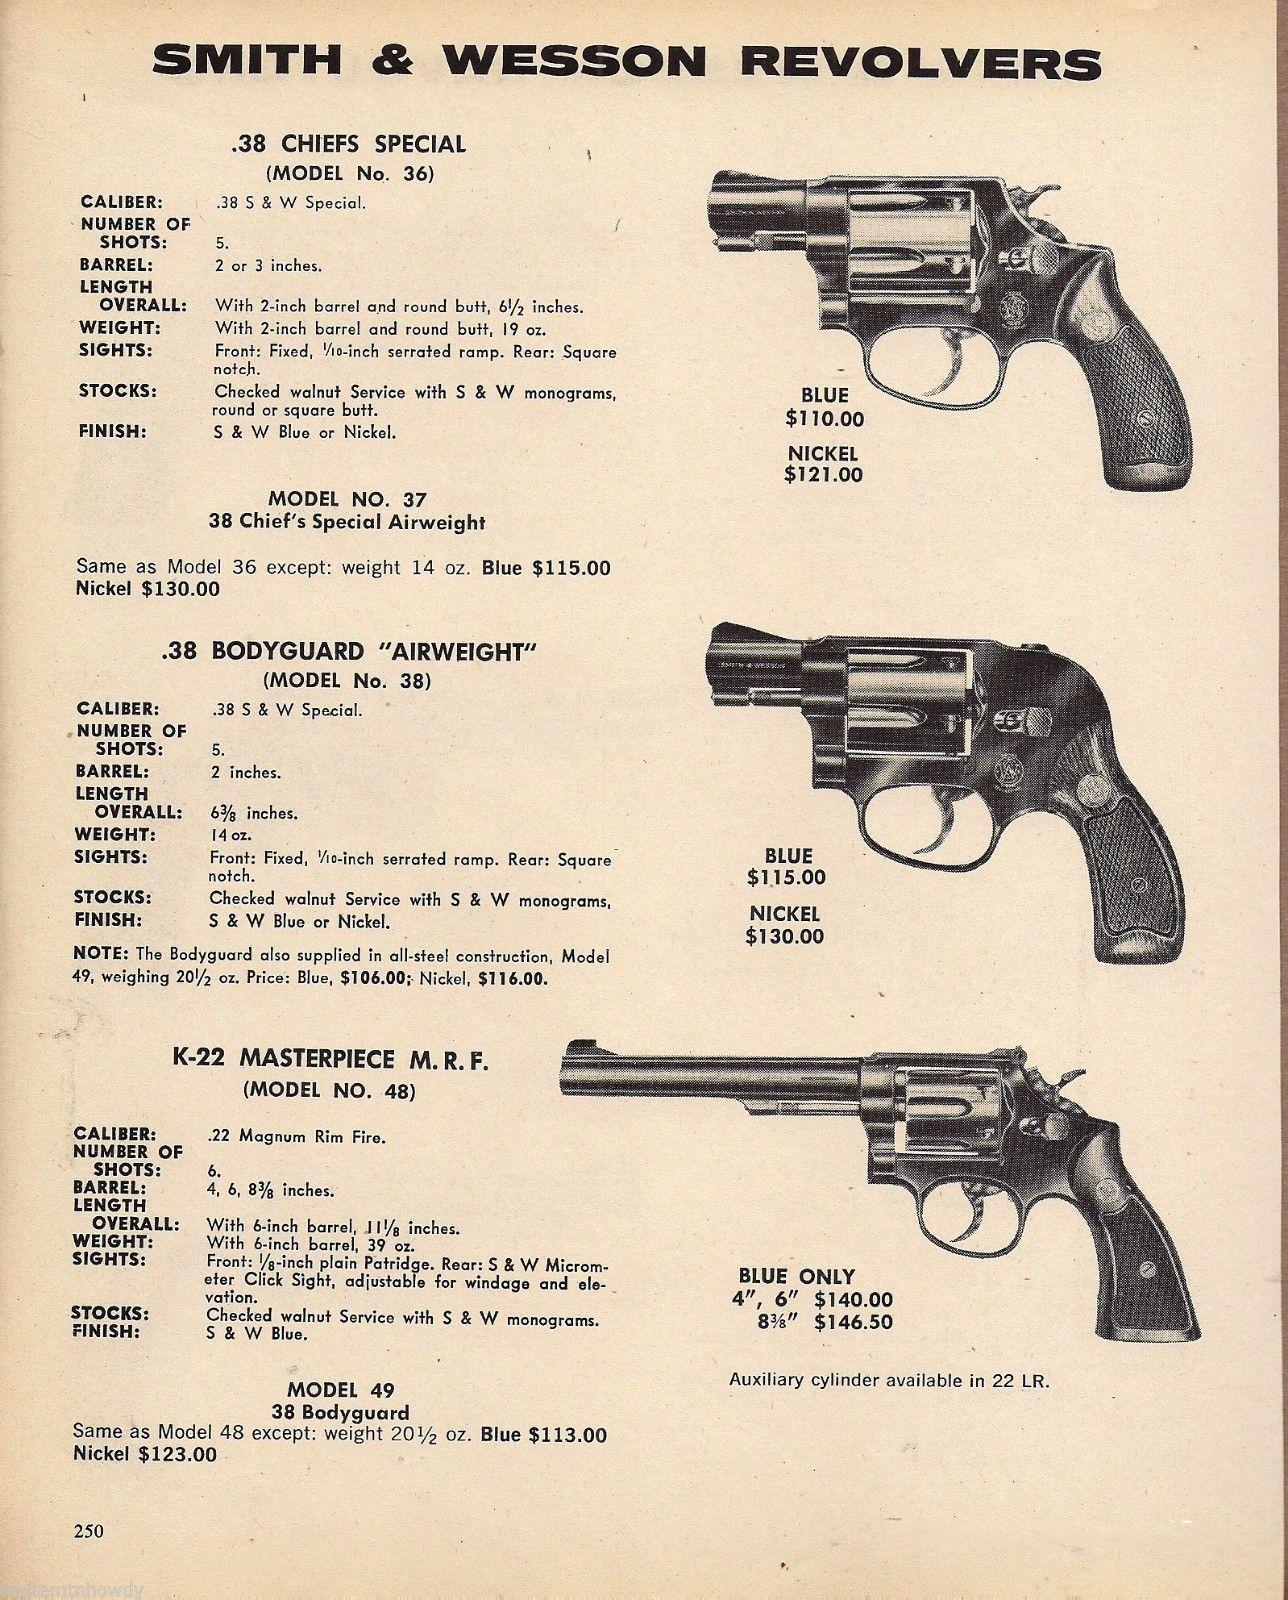 File:1976 ͜S&W Catalog J-Frames & Model 48 jpg - Wikimedia